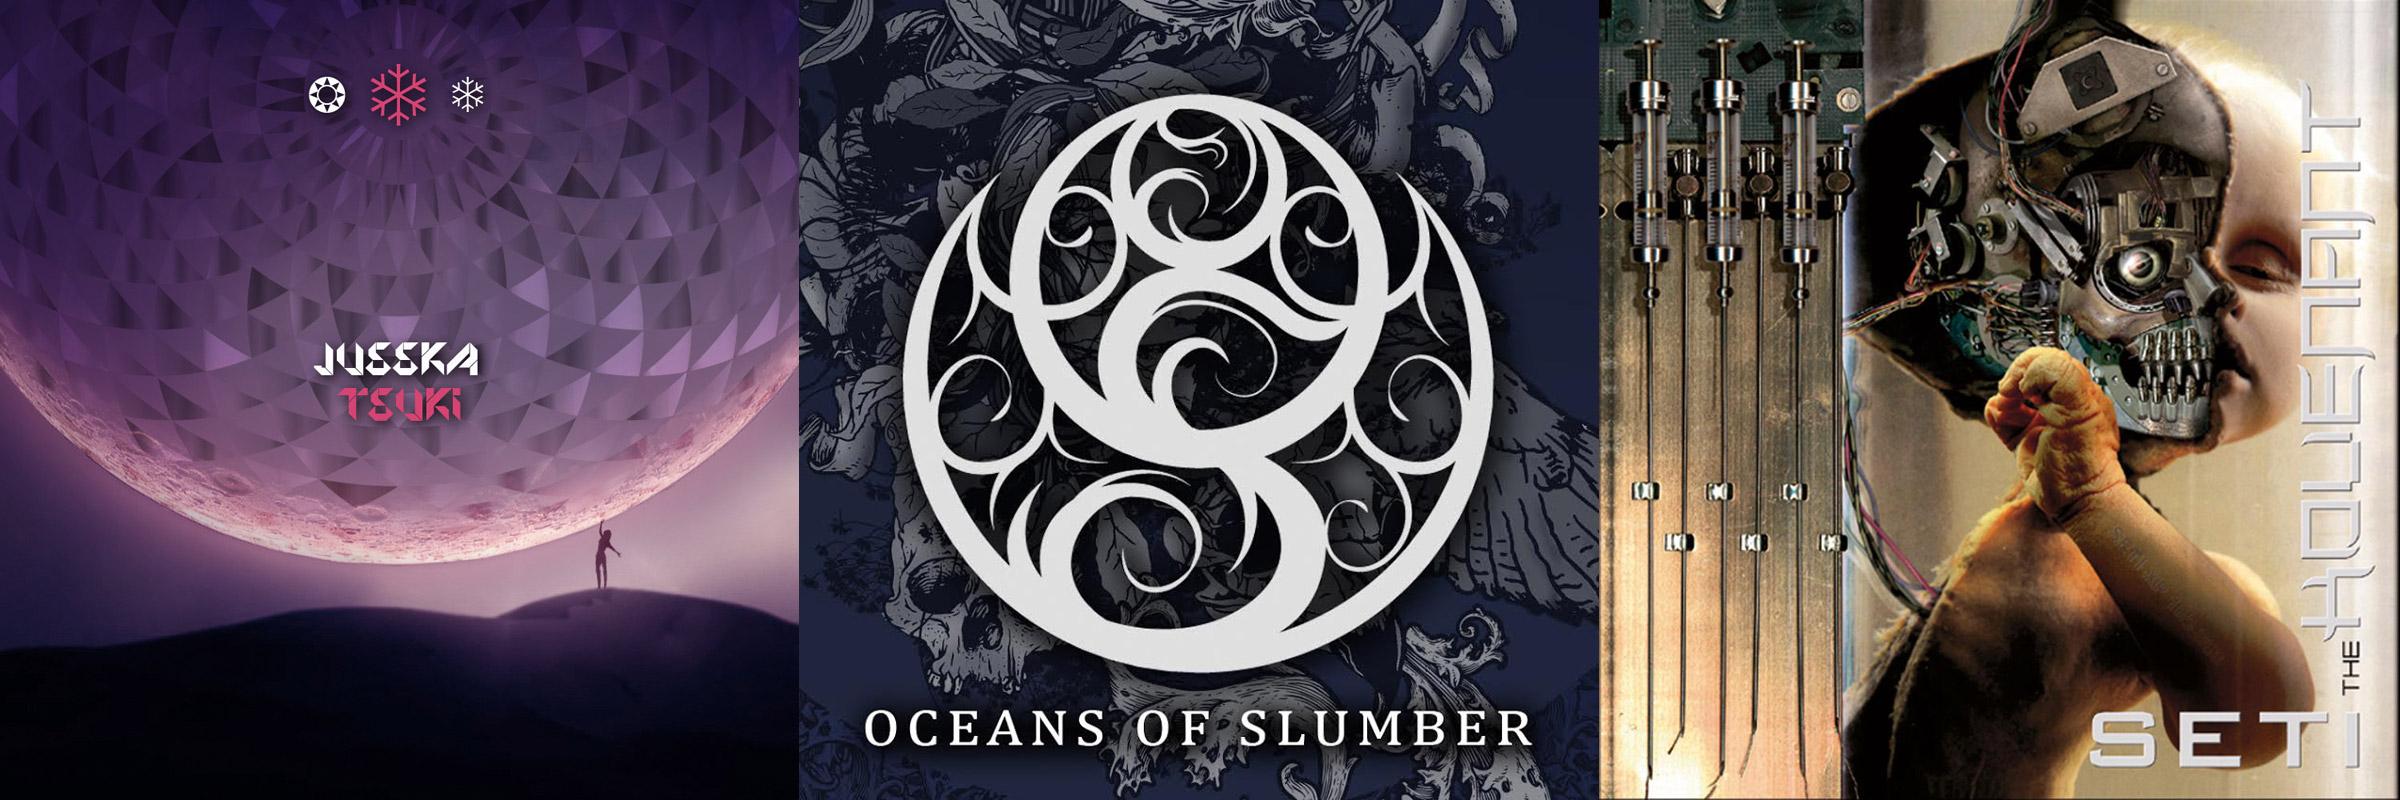 Jusska / Oceans of Slumber / The Kovenant